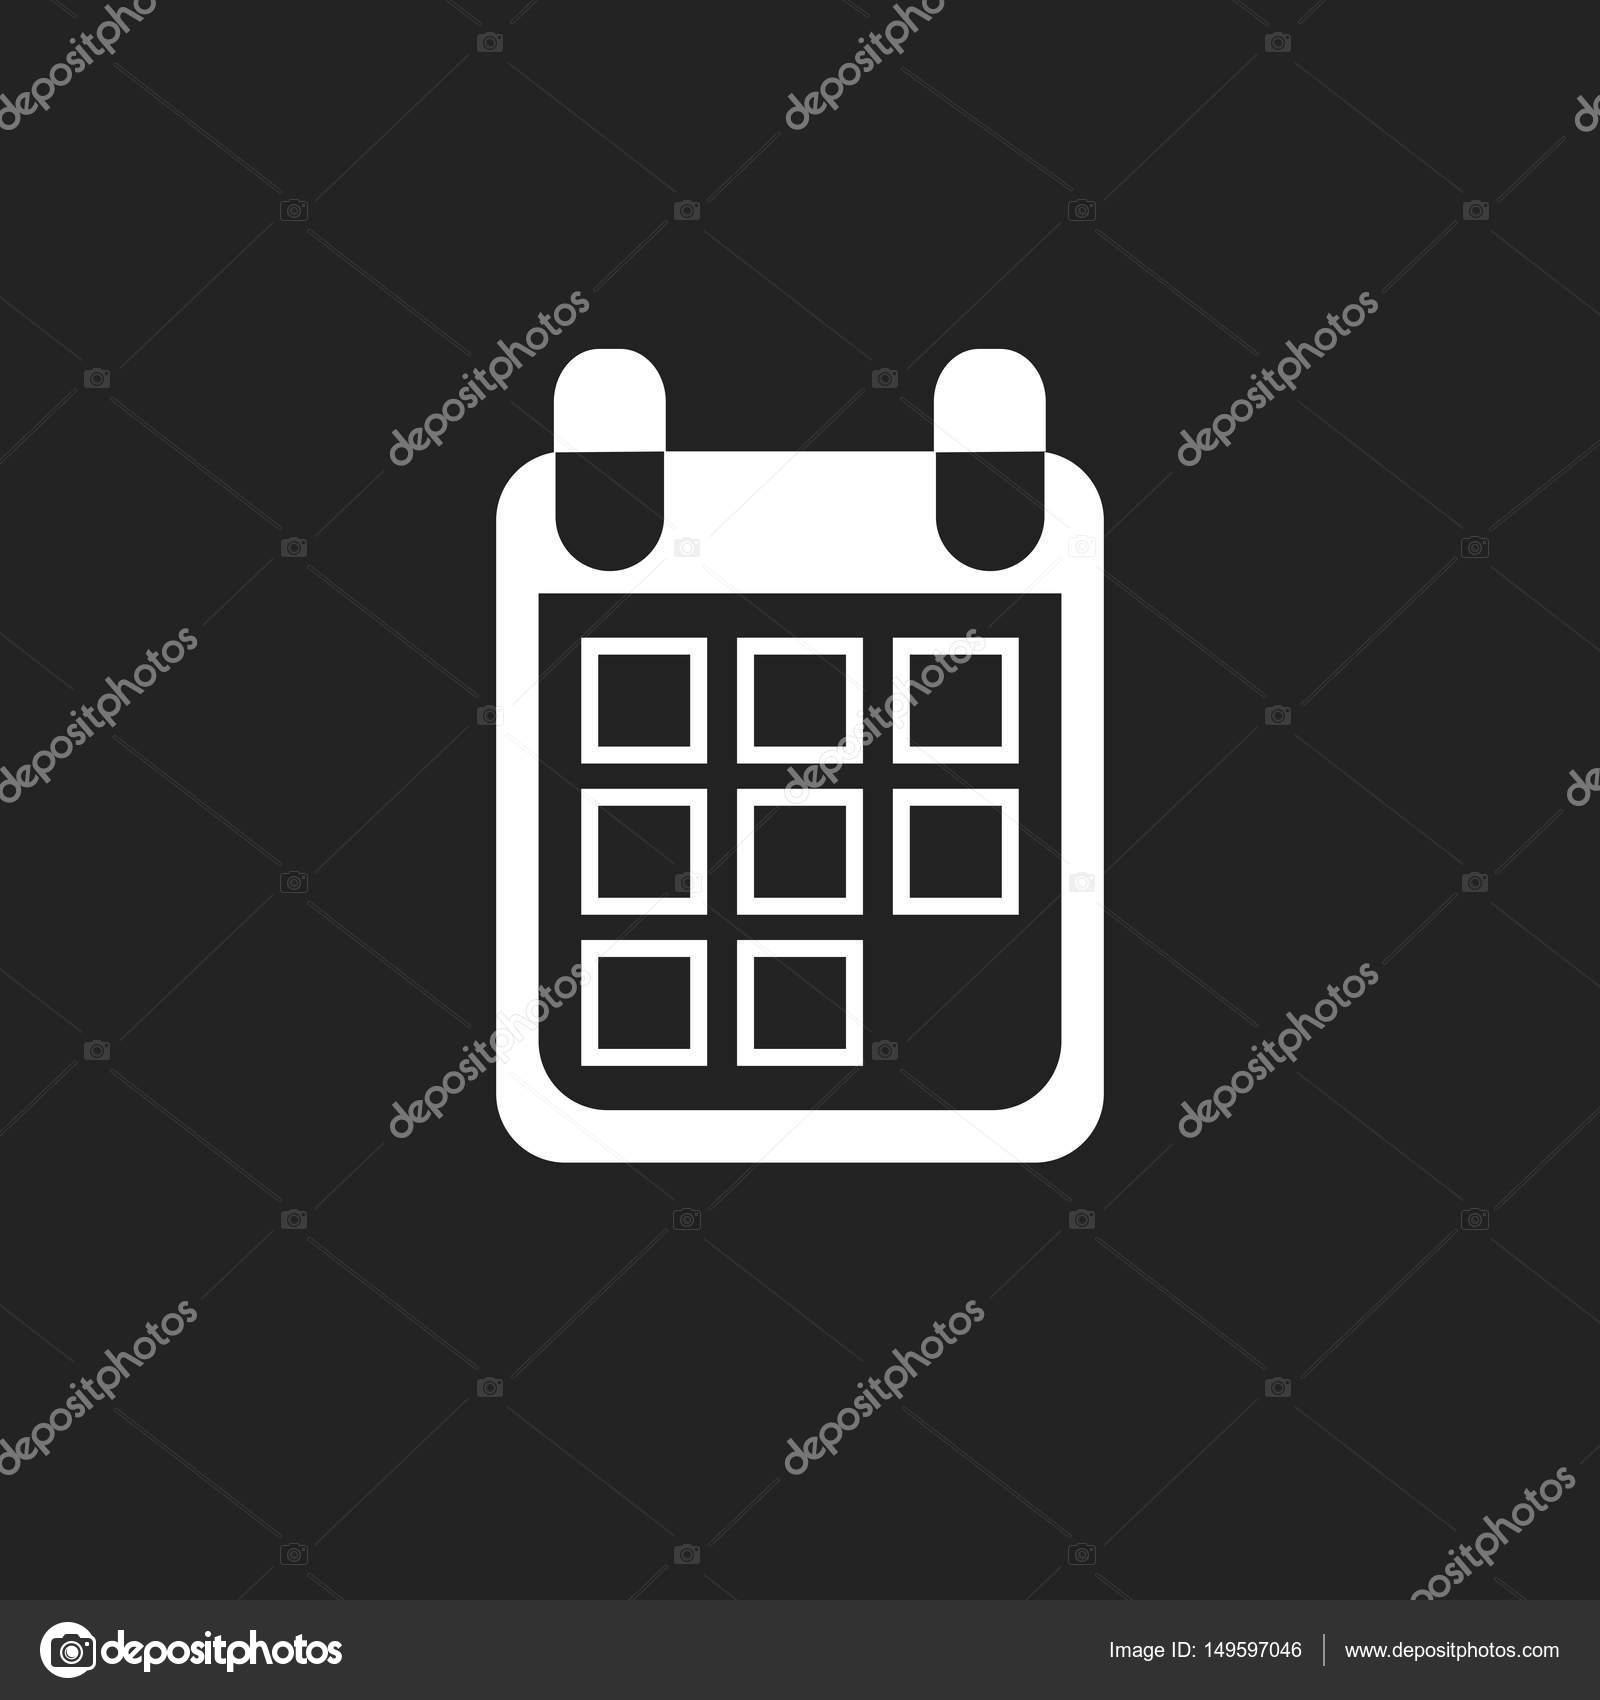 naptár honlapra Naptár ikonra a fekete háttér, vektor illusztráció. Lapos stílusú  naptár honlapra